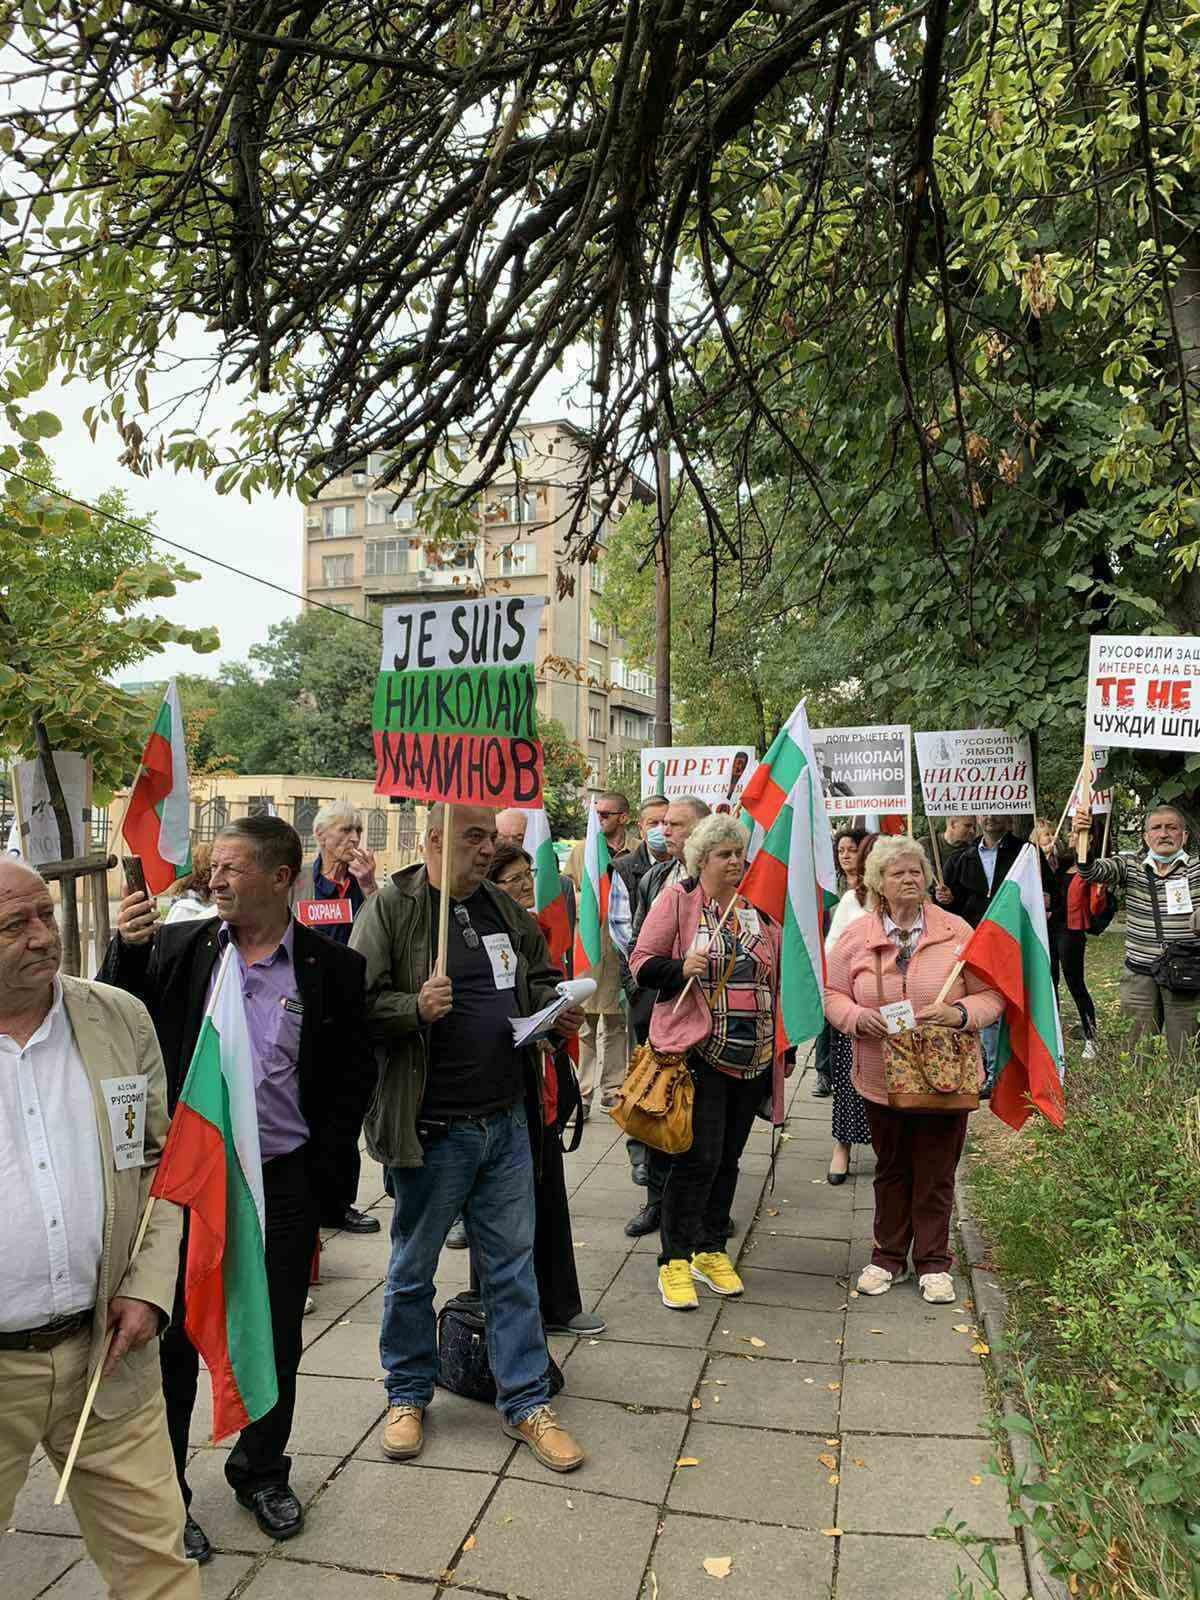 """ТАСС: Българският съд започна да разглежда делото за шпионаж срещу лидера на НД """"Русофили"""" на фона на протест"""